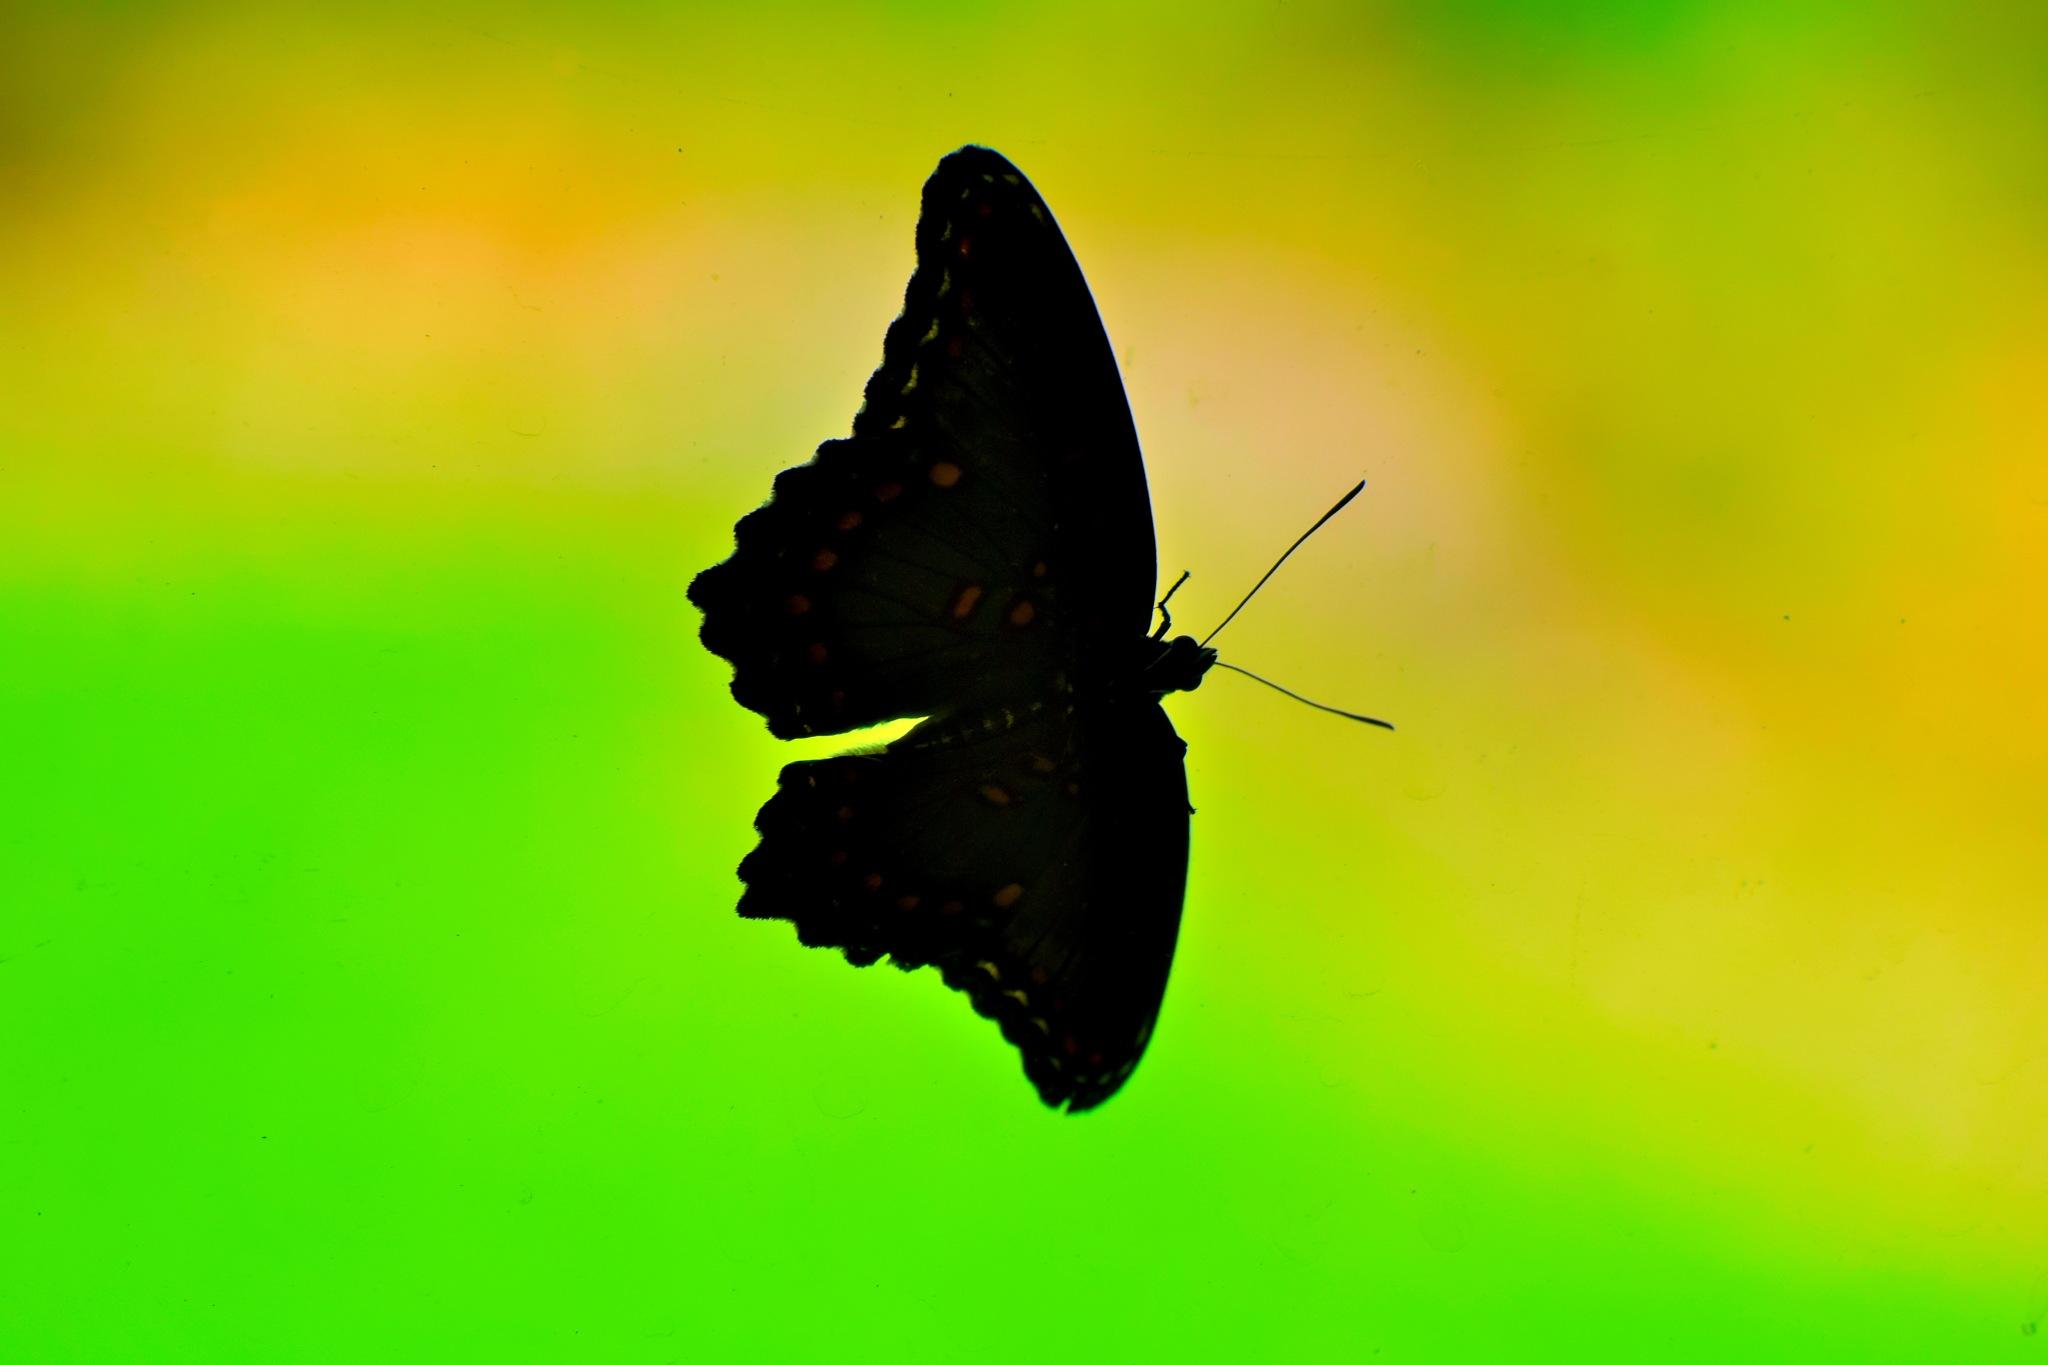 Butterfly Art 32 by Lawrence Scott Hess